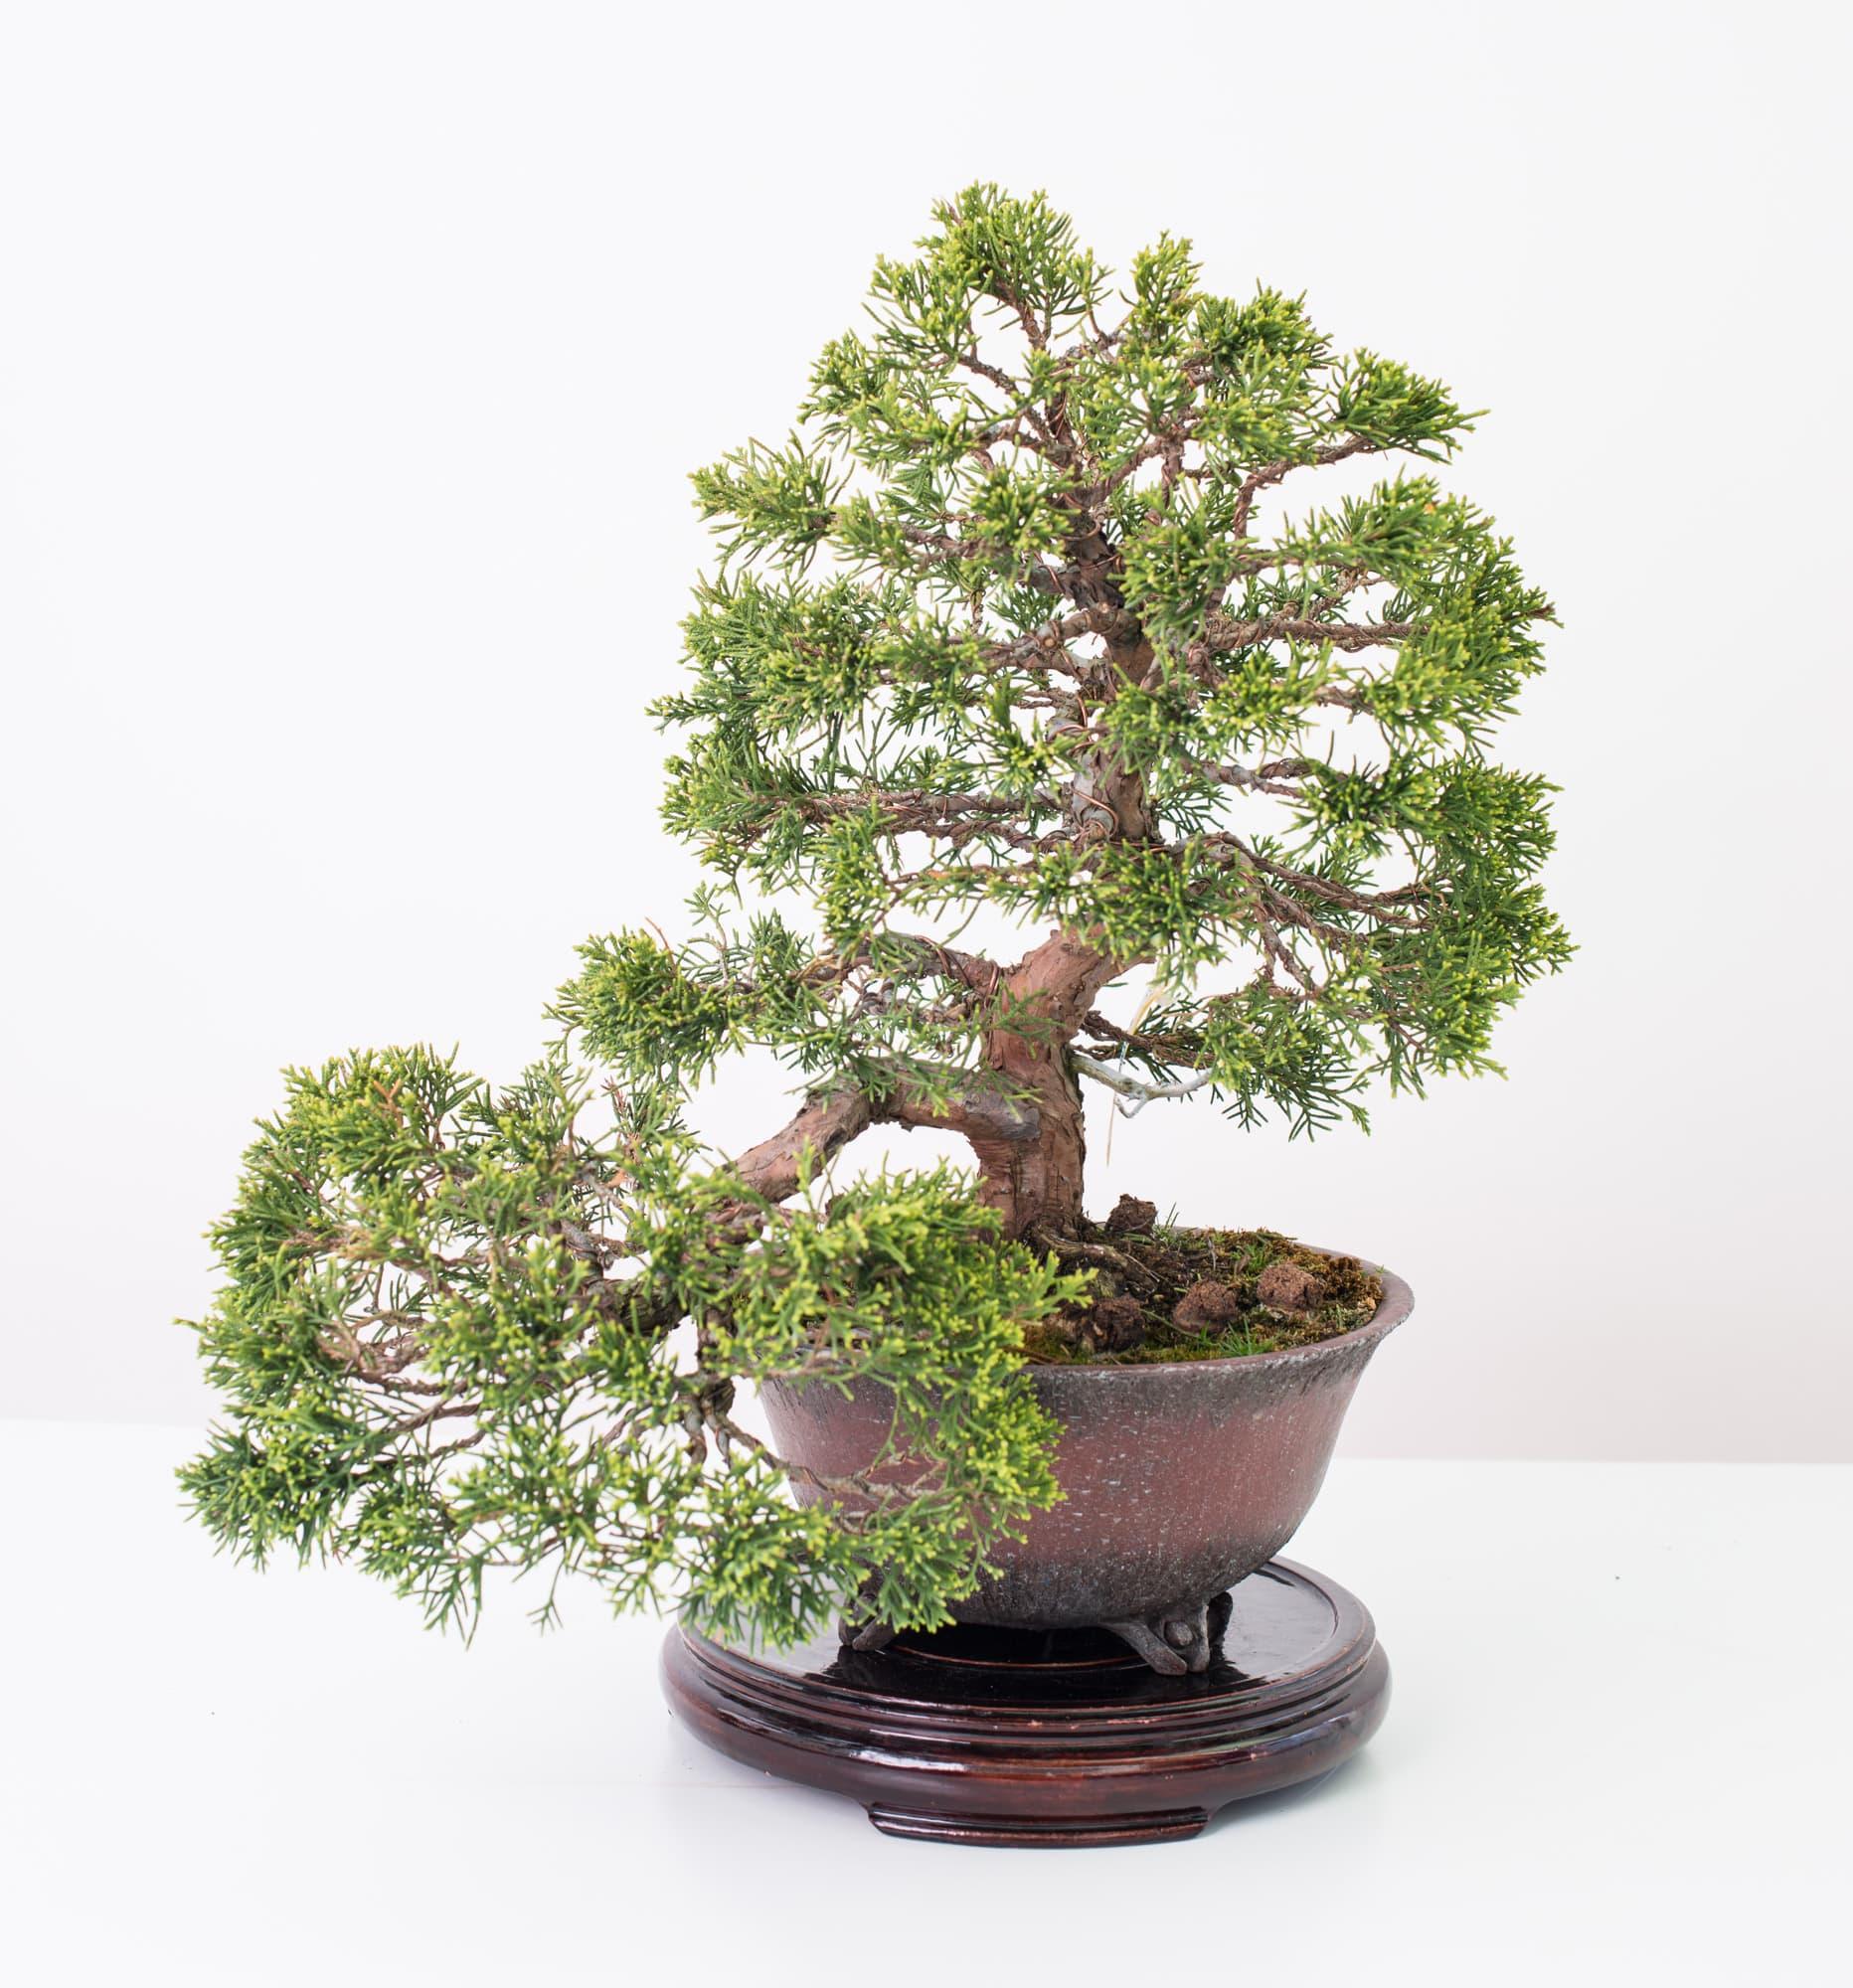 La individualidad del sujeto va m s all de la especie - Cuidado del bonsai ...